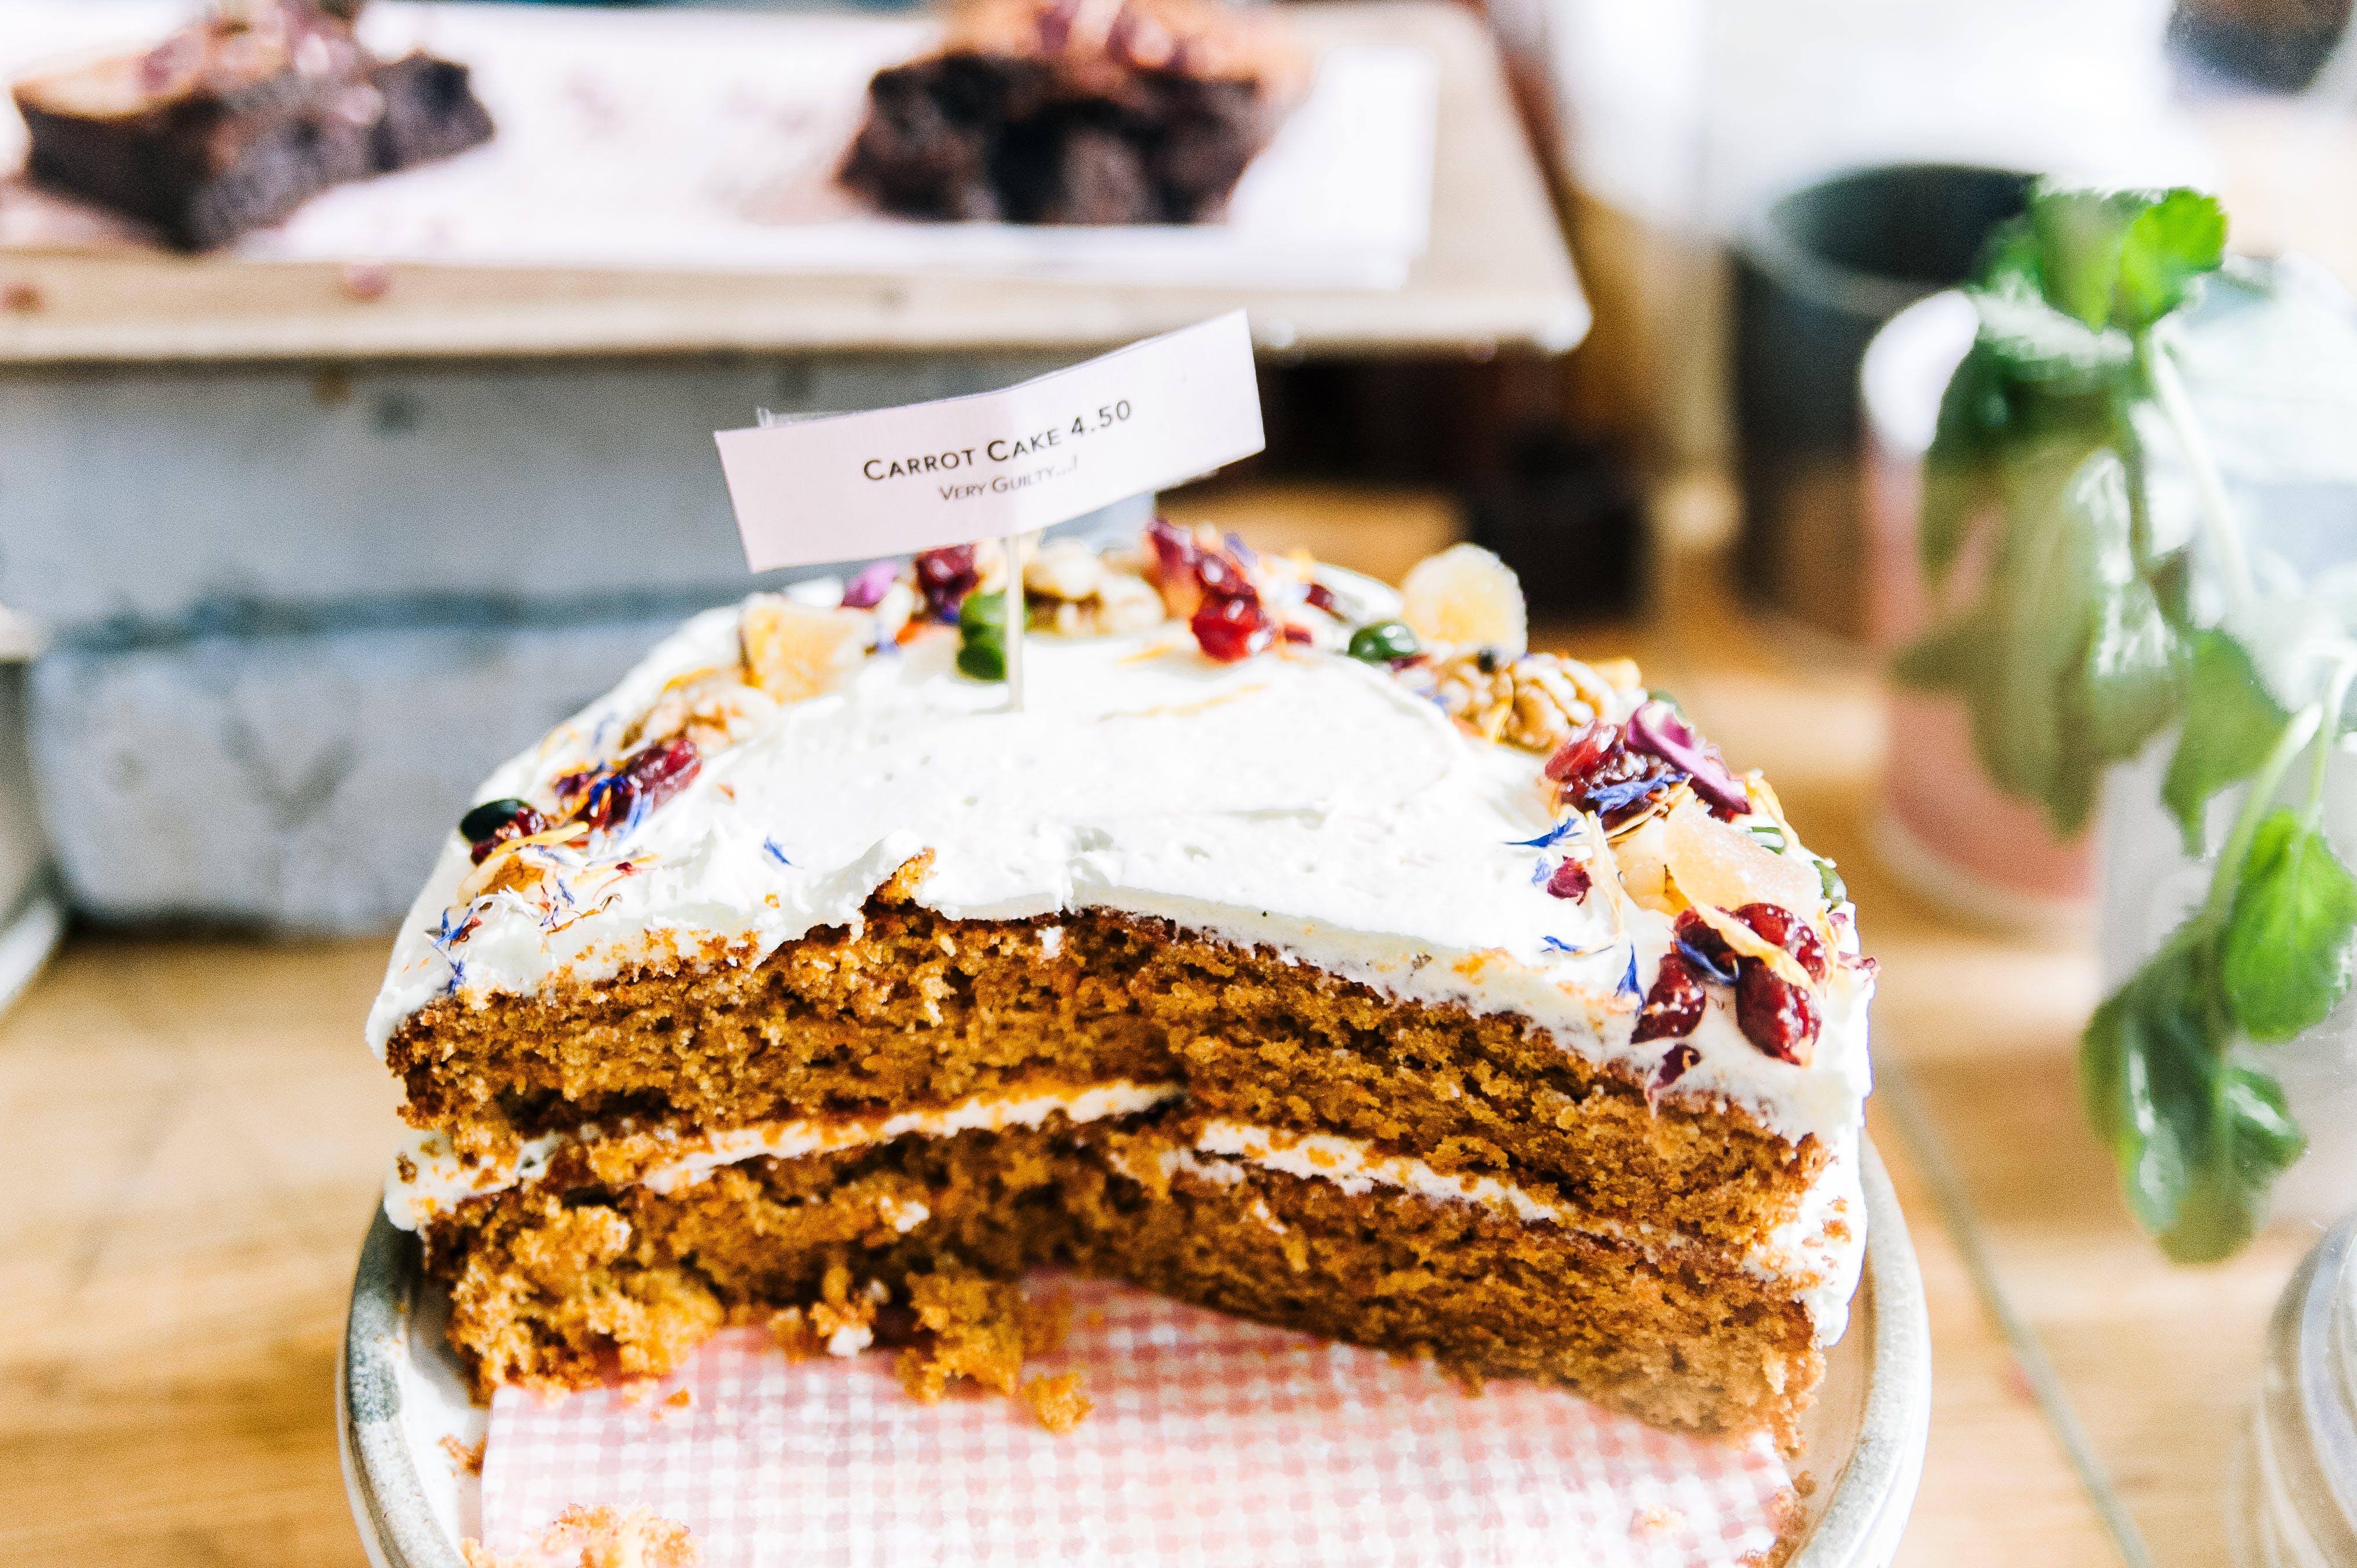 ciasto, jedzenie, kawałek